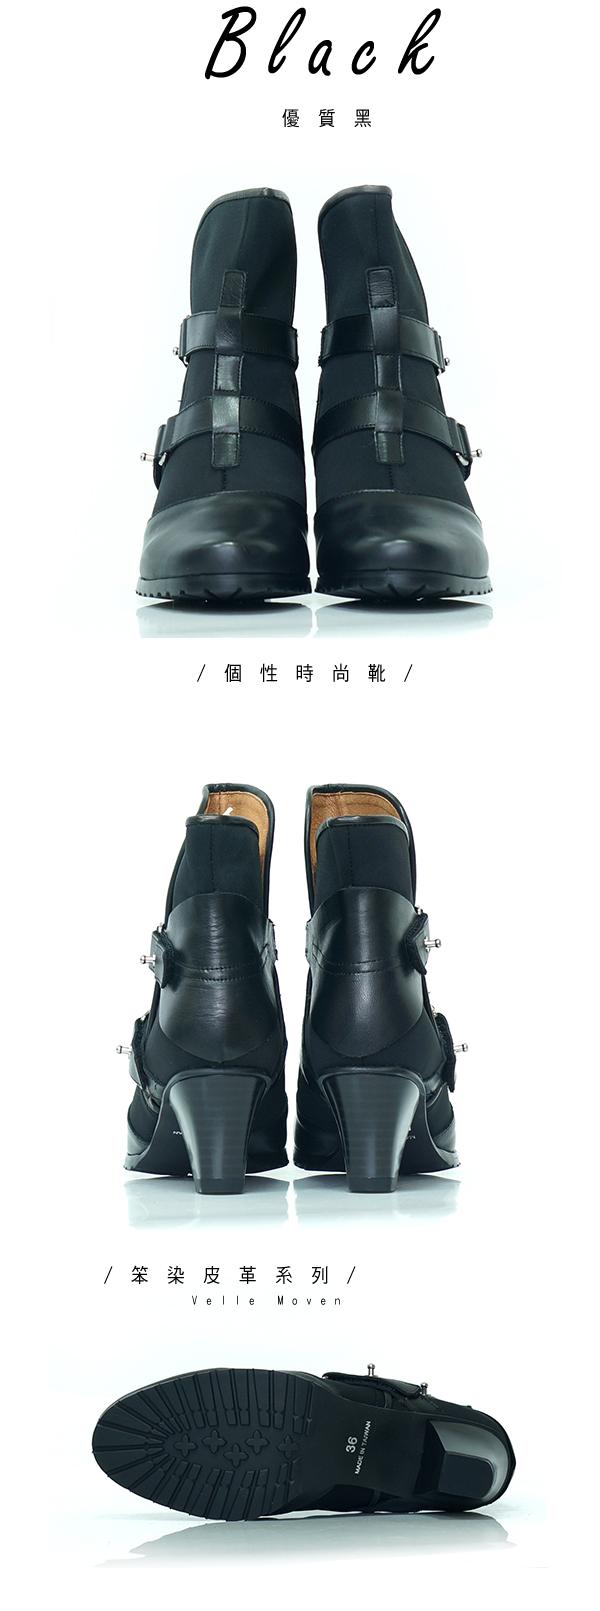 短靴,笨染皮革,高級牛製,時尚特色,孔雀紋,與眾不同,打蠟皮,透氣性佳,皮革軟,MIT,台灣製造,百貨專櫃鞋